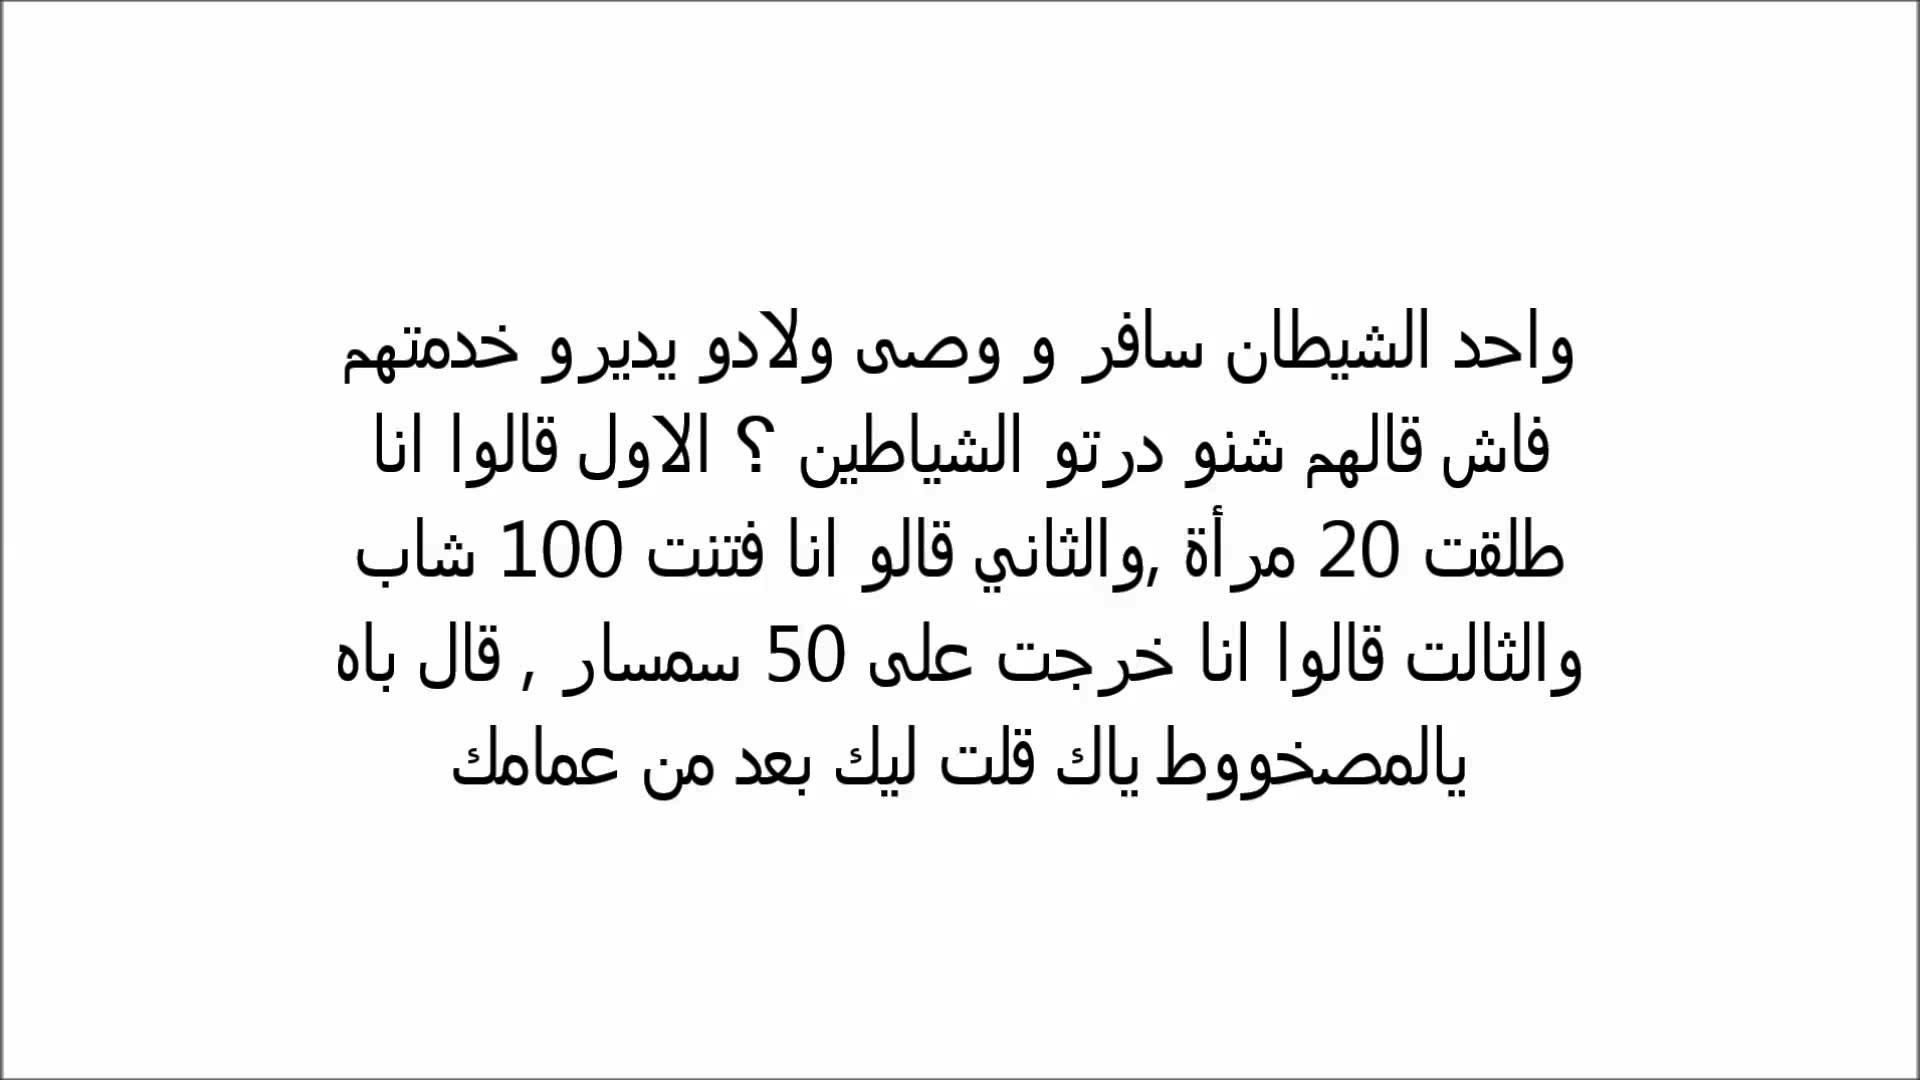 بالصور نكت مغربية مضحكة , اجمد النكت المغربيه 3221 4